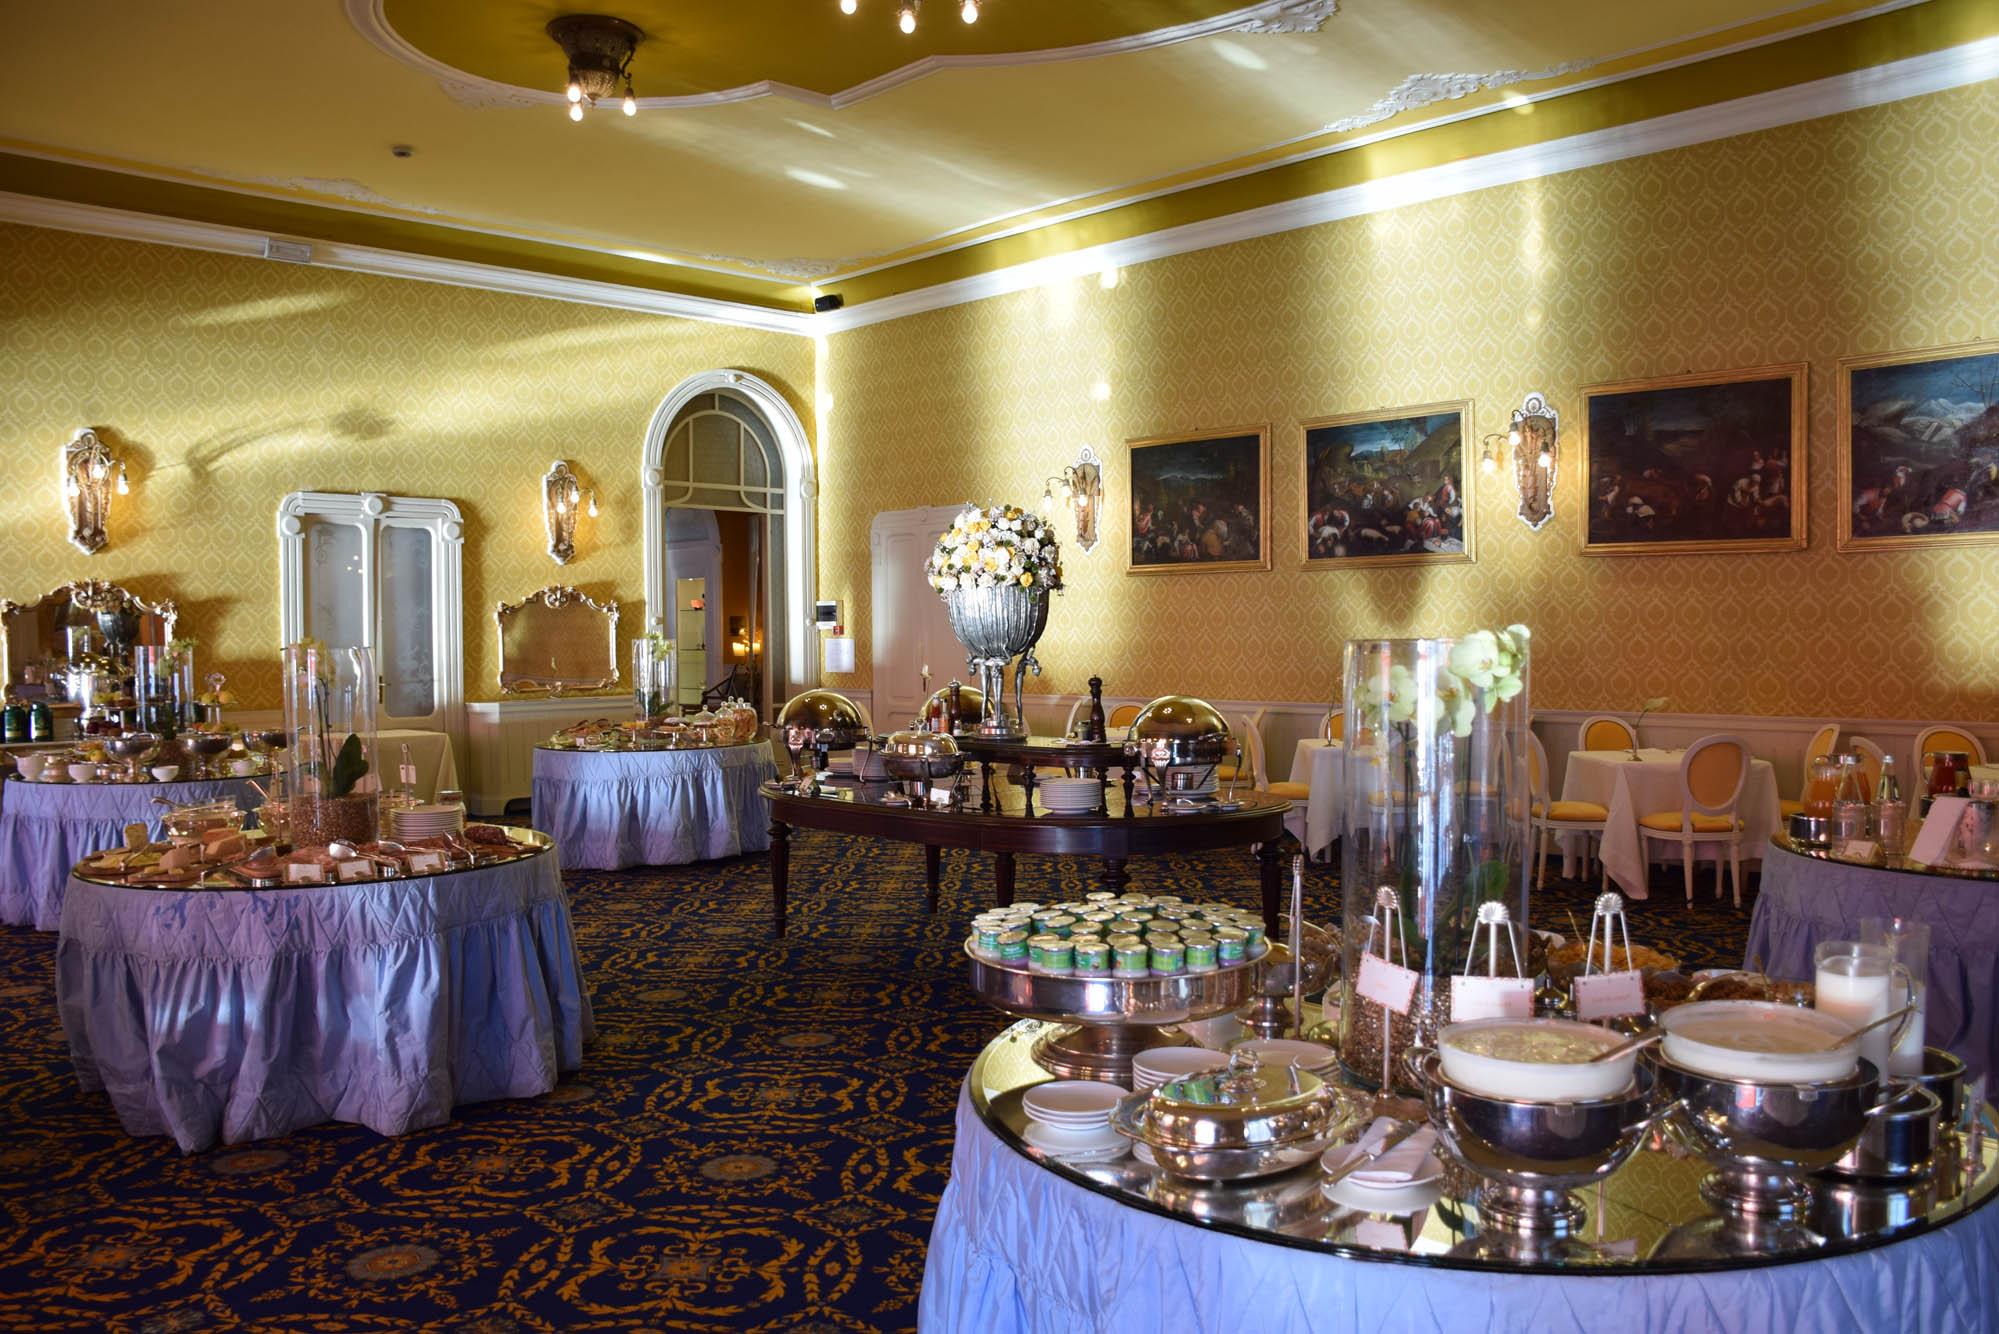 grand-hotel-tremezzo-lago-di-como-lake-italia-dicas-12